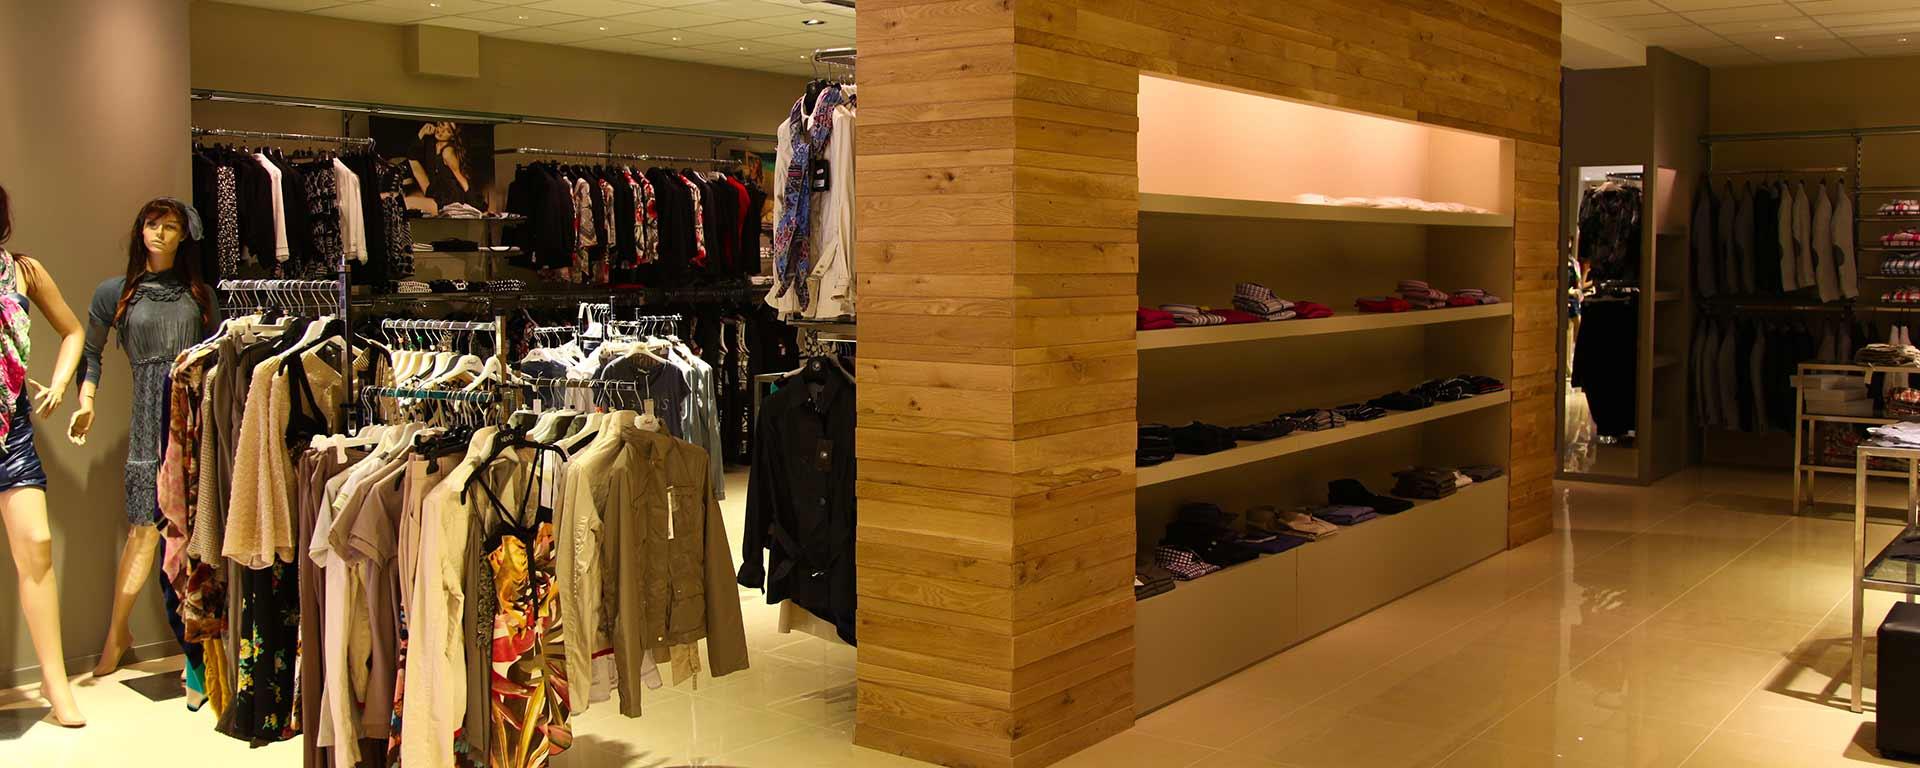 arredamenti-negozi-legno-doccula-sicilia